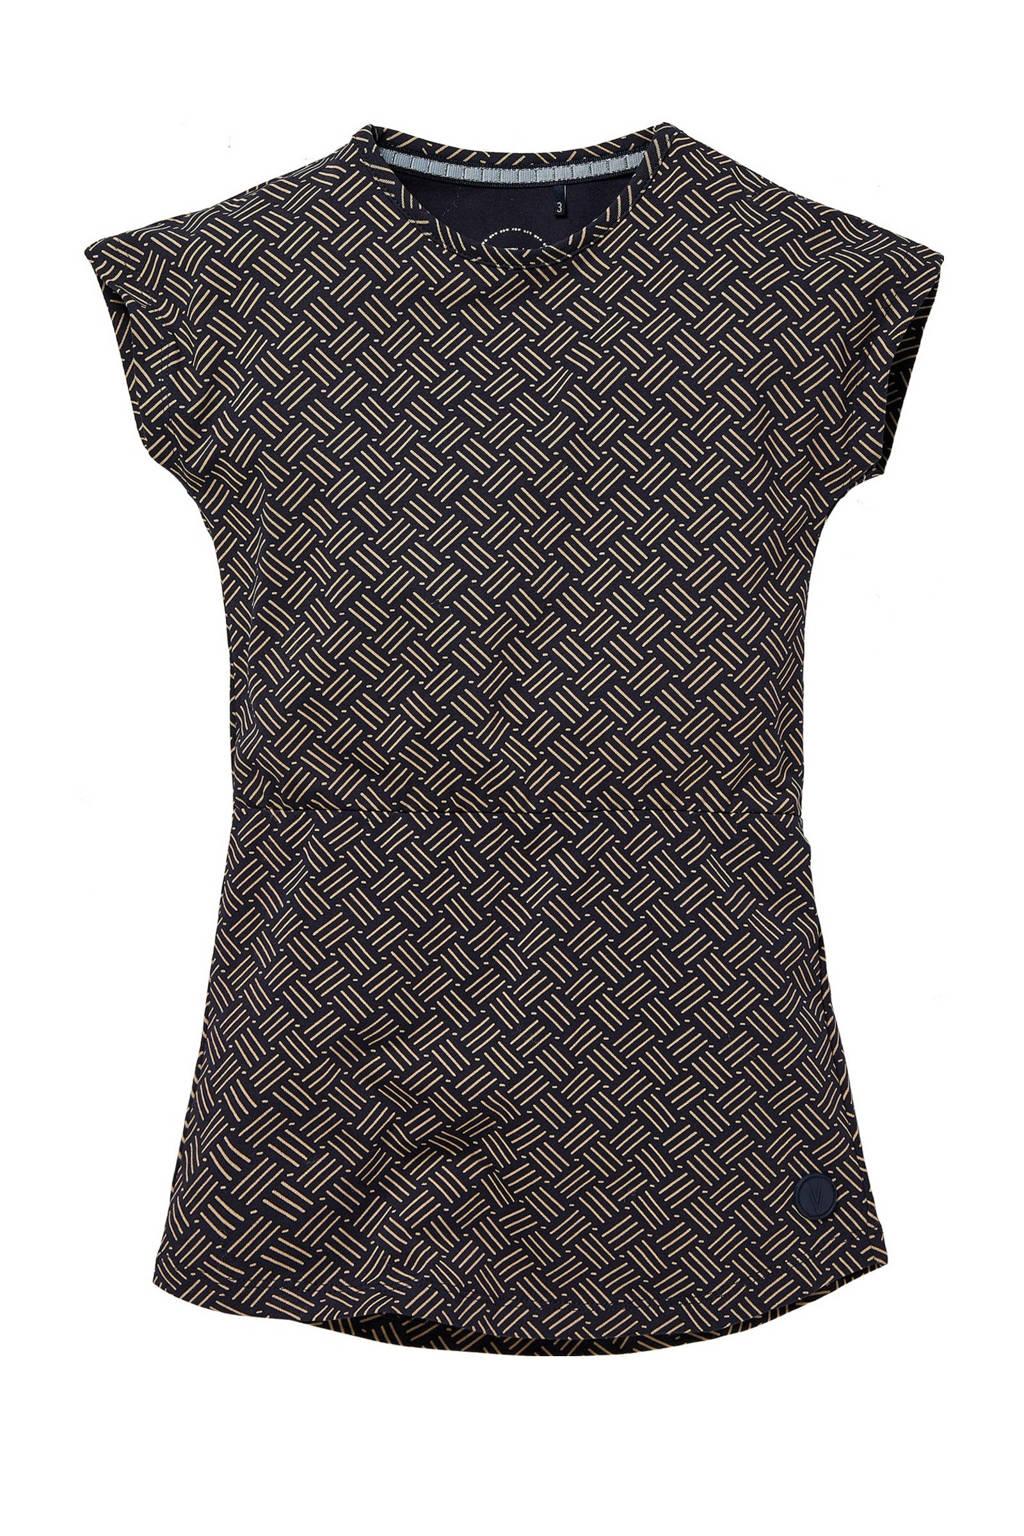 LEVV Little jurk Naomi met all over print donkerblauw/bruin, Donkerblauw/bruin